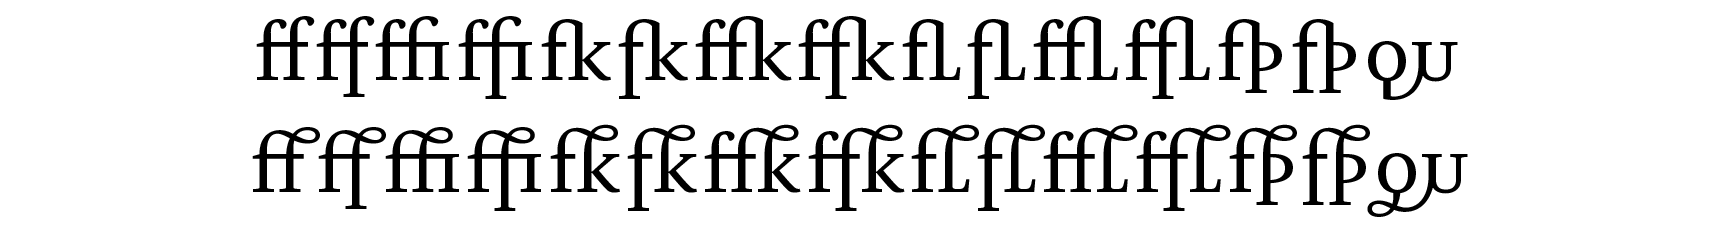 <p>Ligatures</p> glyphs